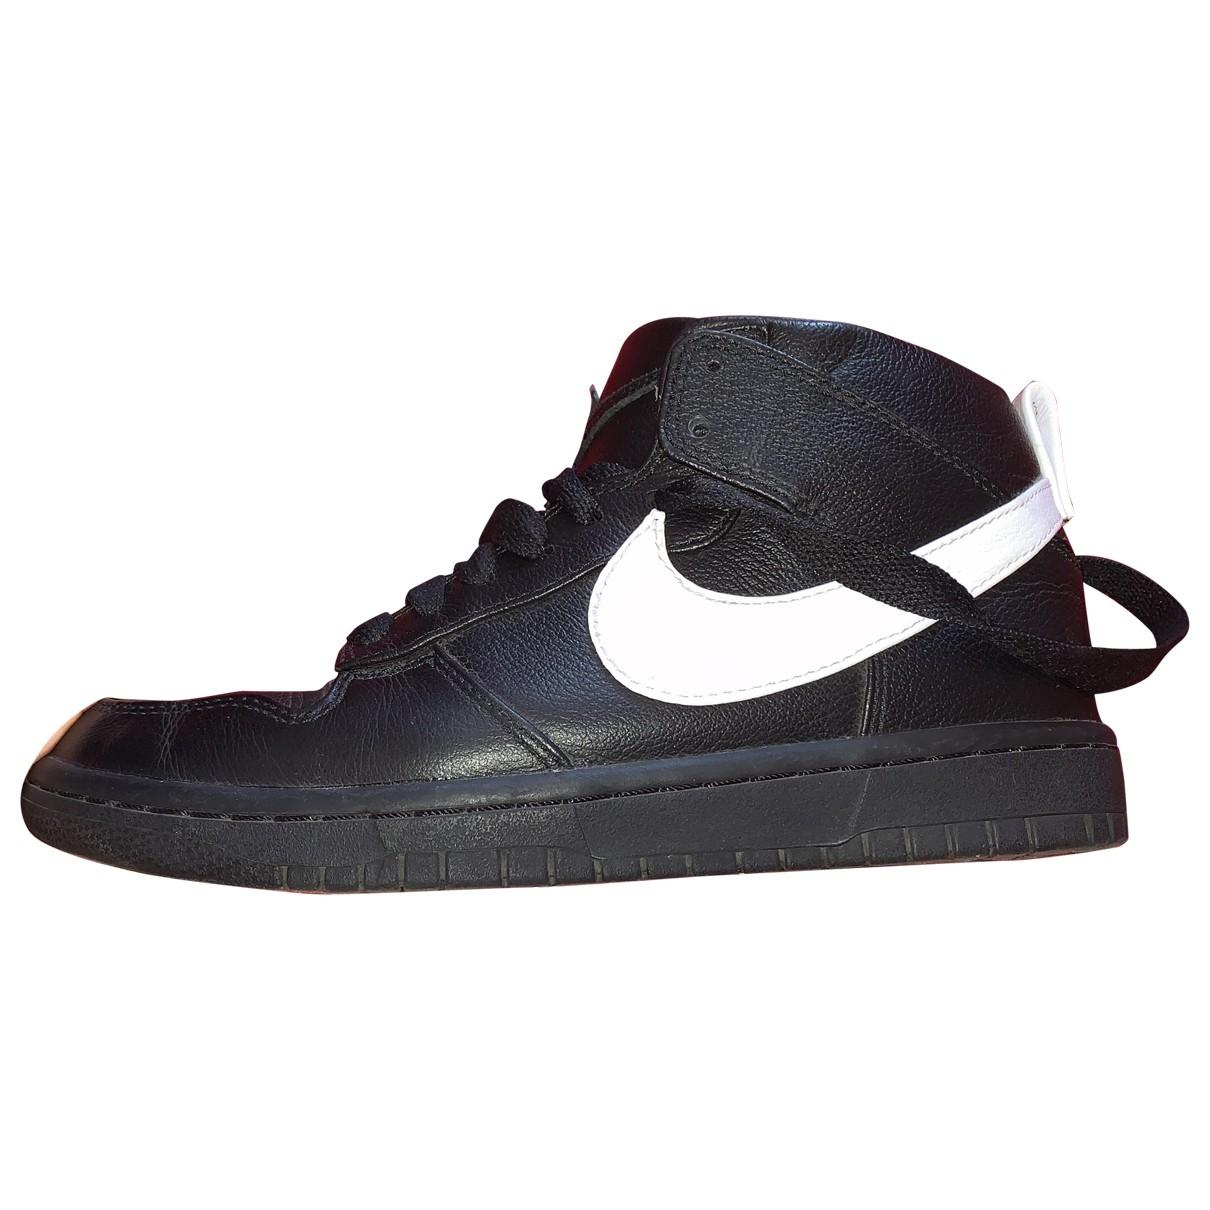 Nike By Riccardo Tisci - Baskets   pour femme en cuir - noir